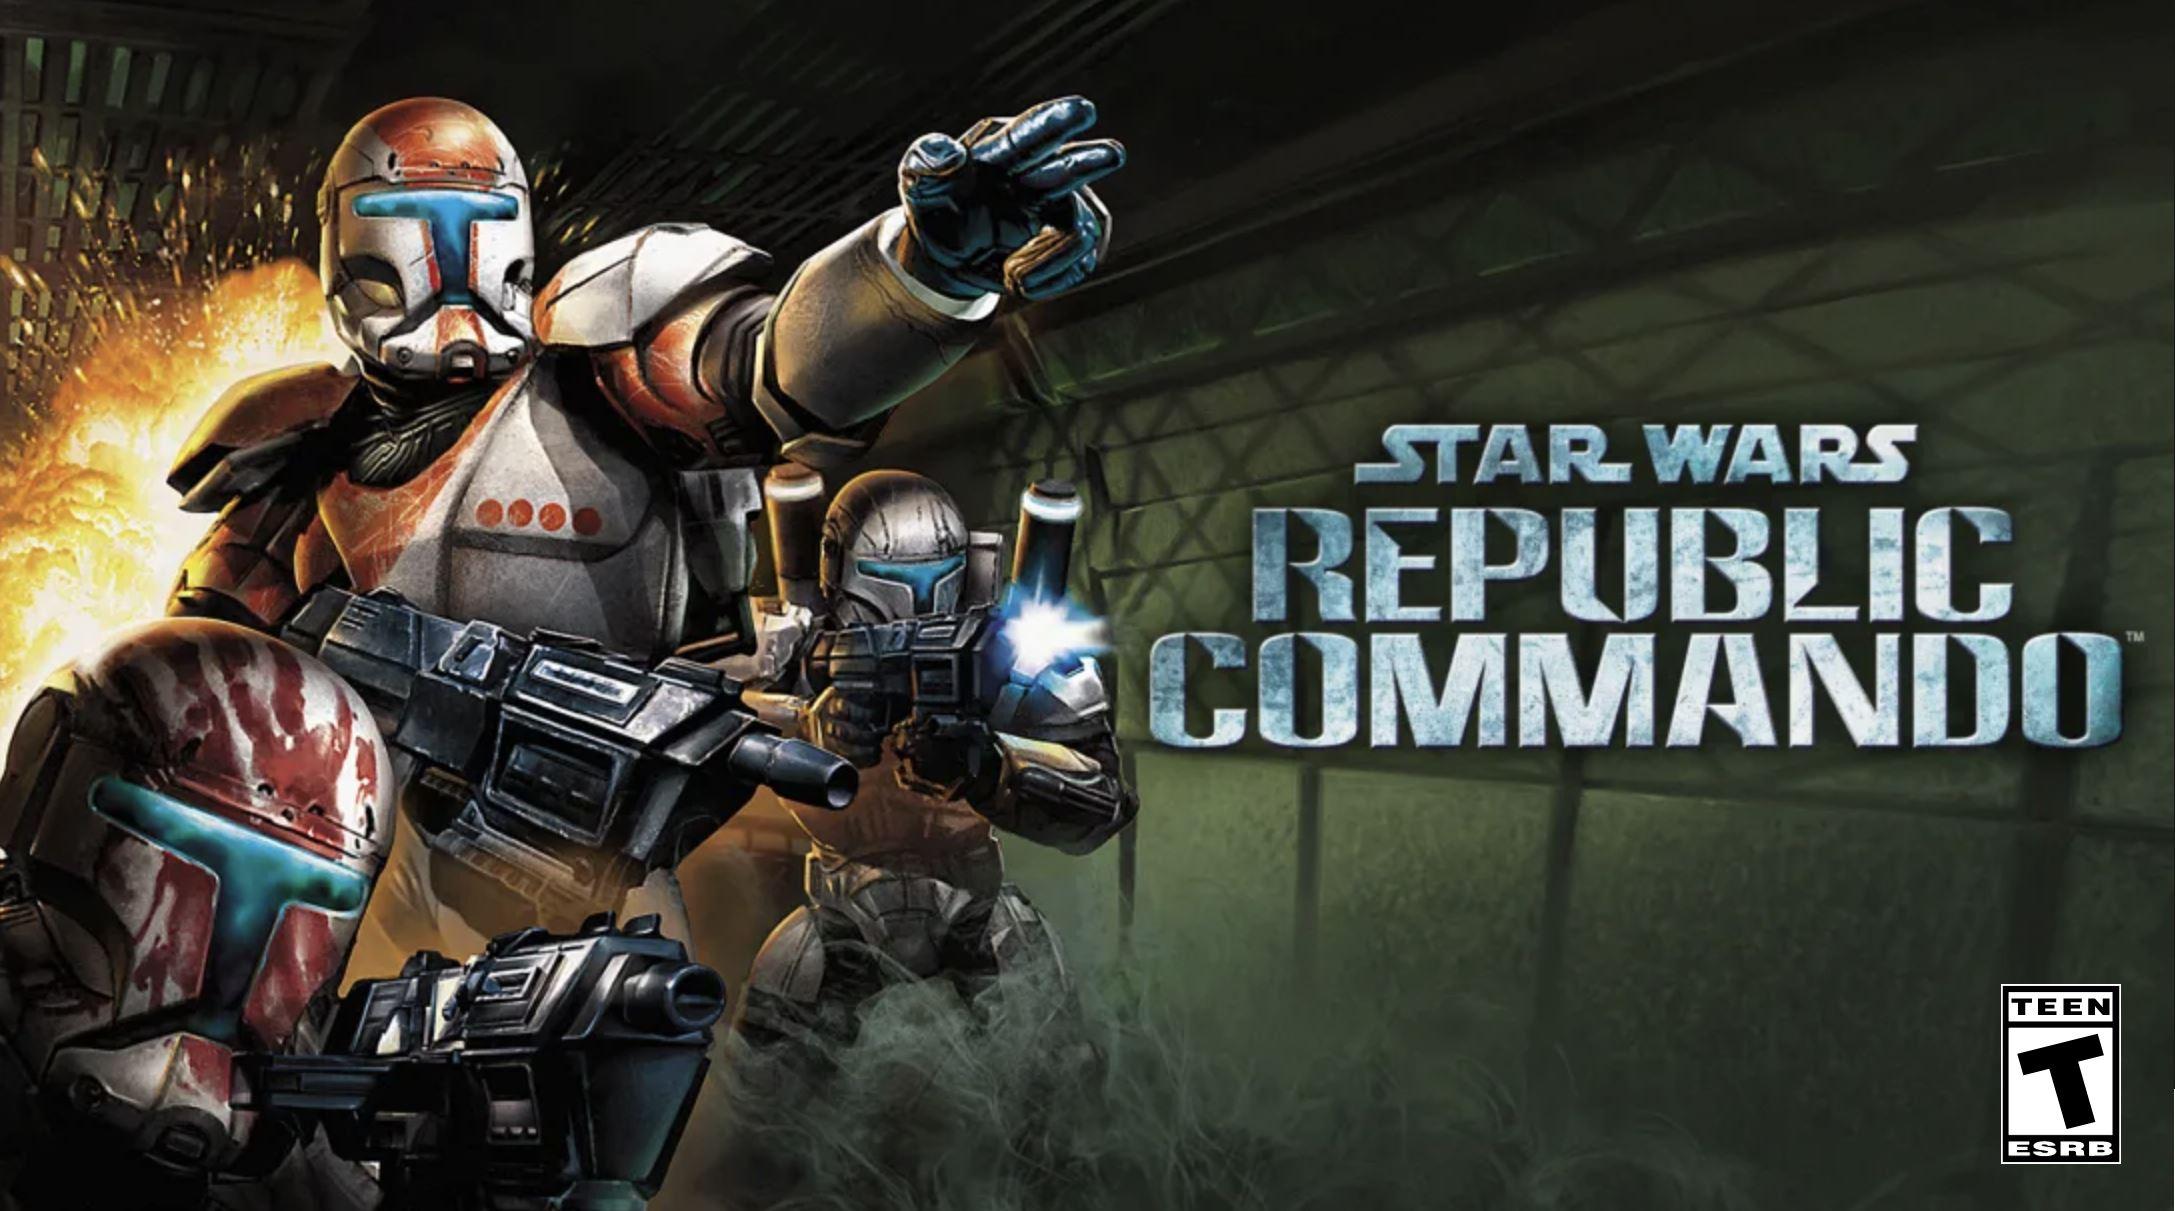 star wars republic-commando nintendo download